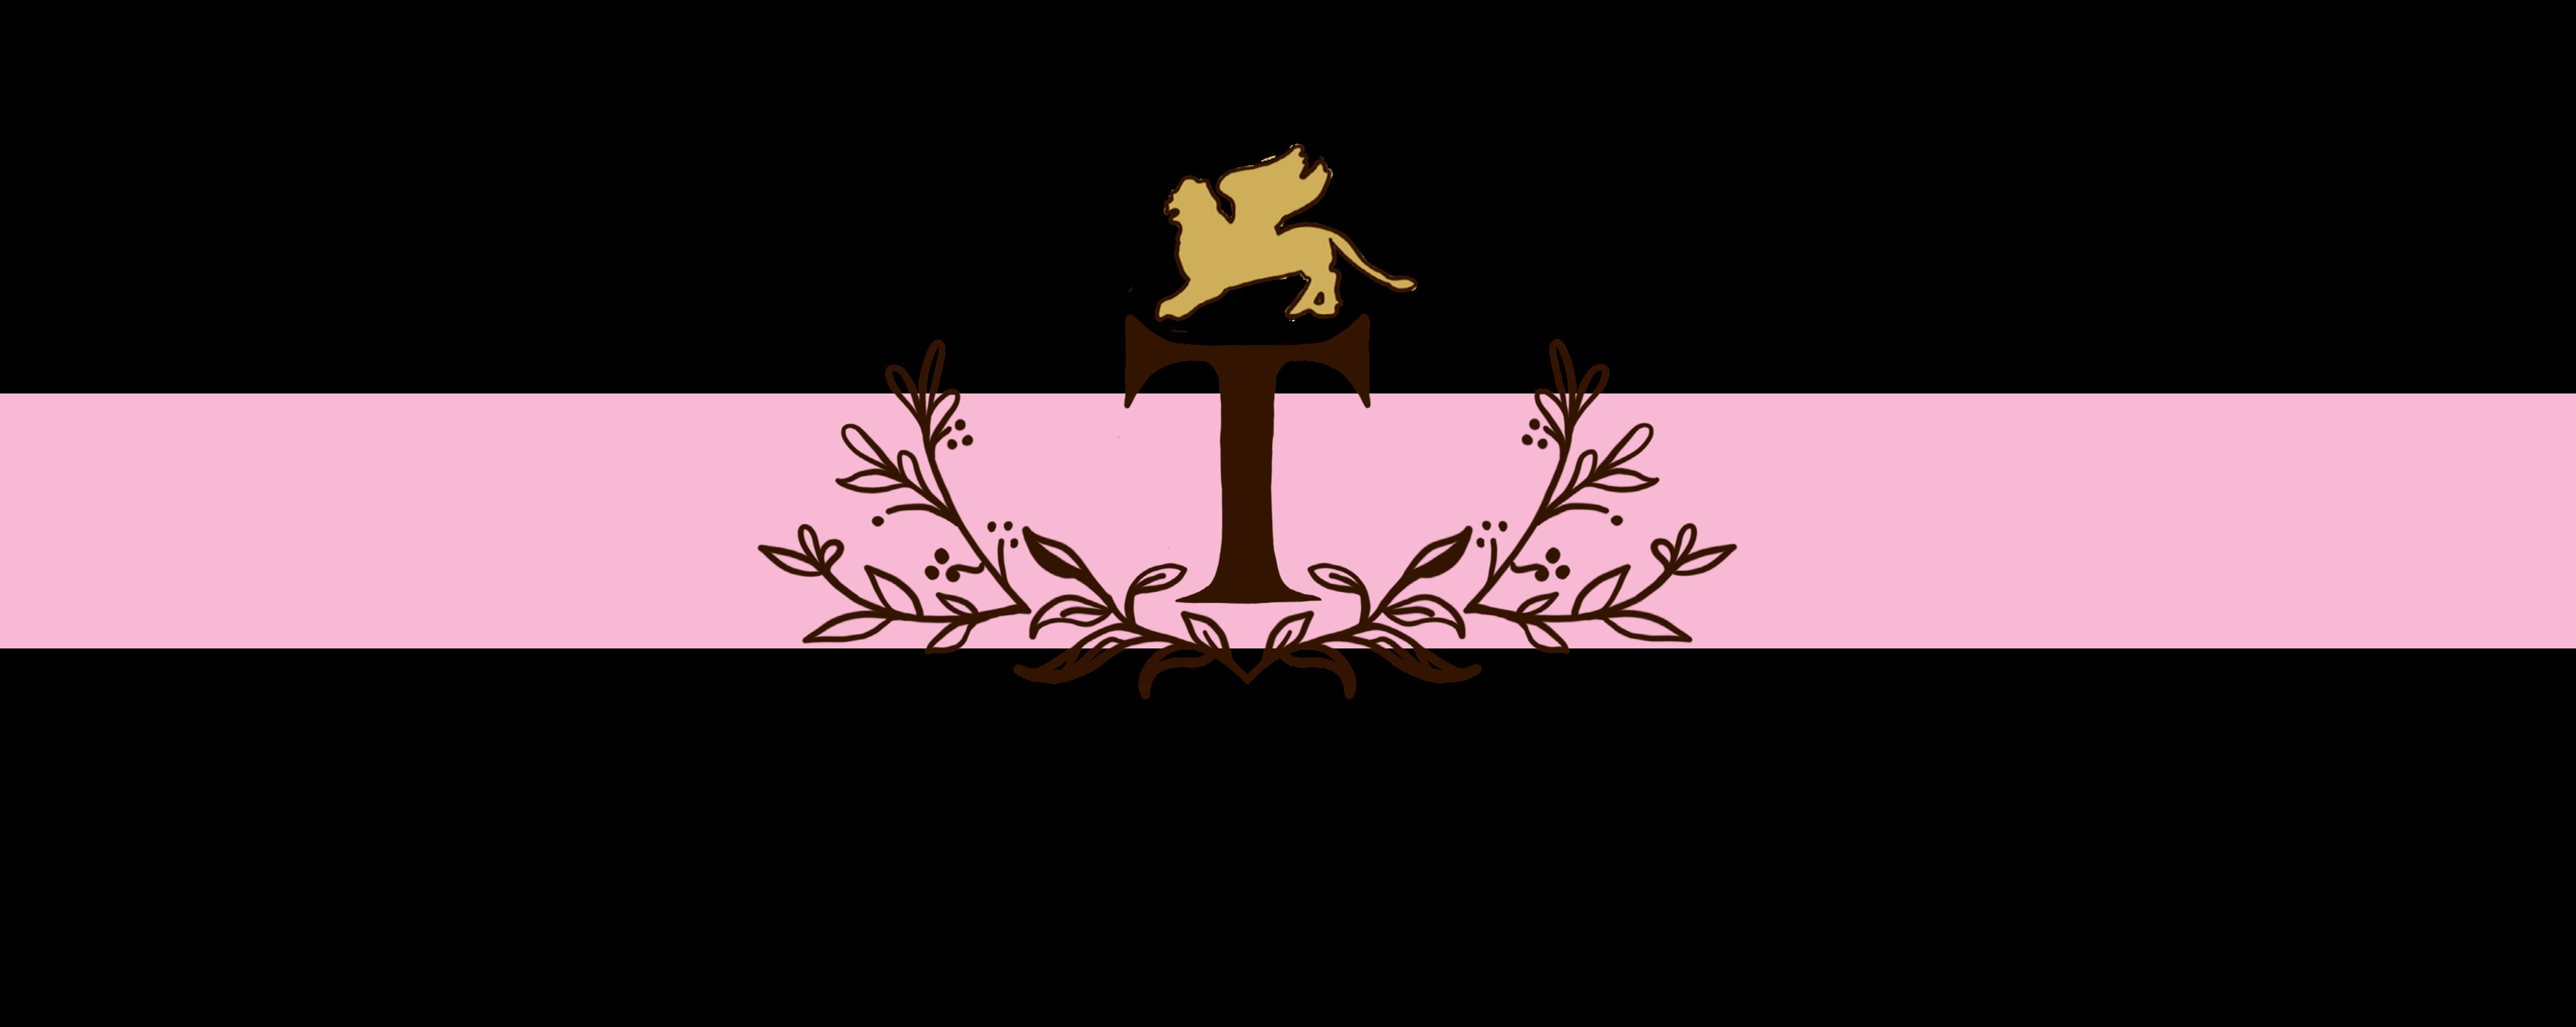 Tiramisu Bakery